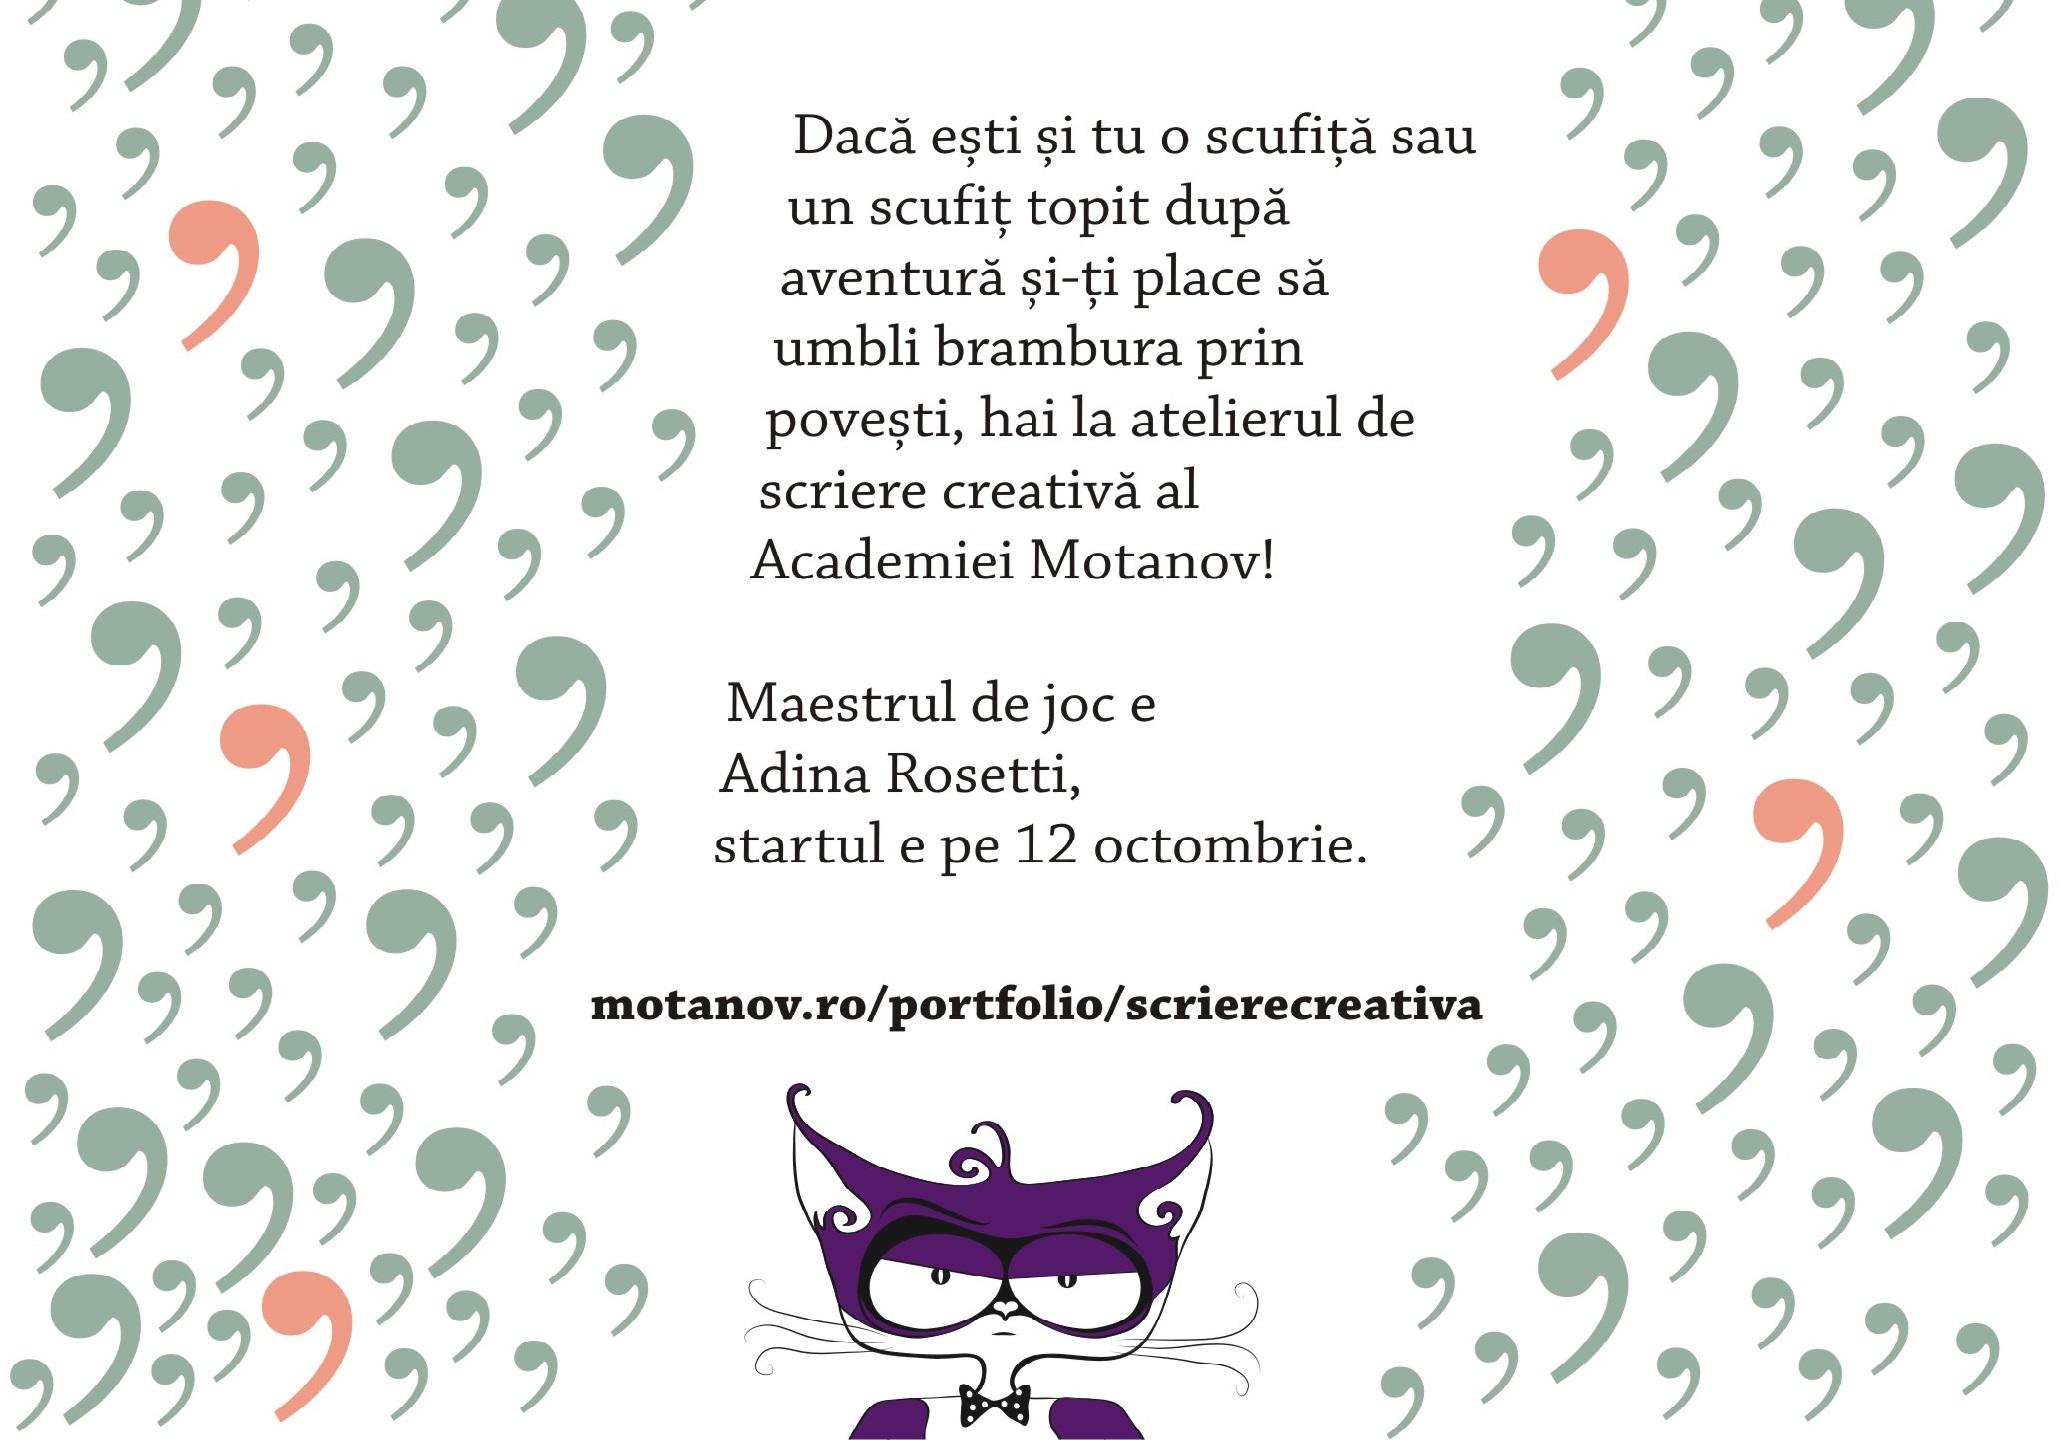 Academia Motanov organizează a doua ediție a atelierului de scriere creativă pentru copii